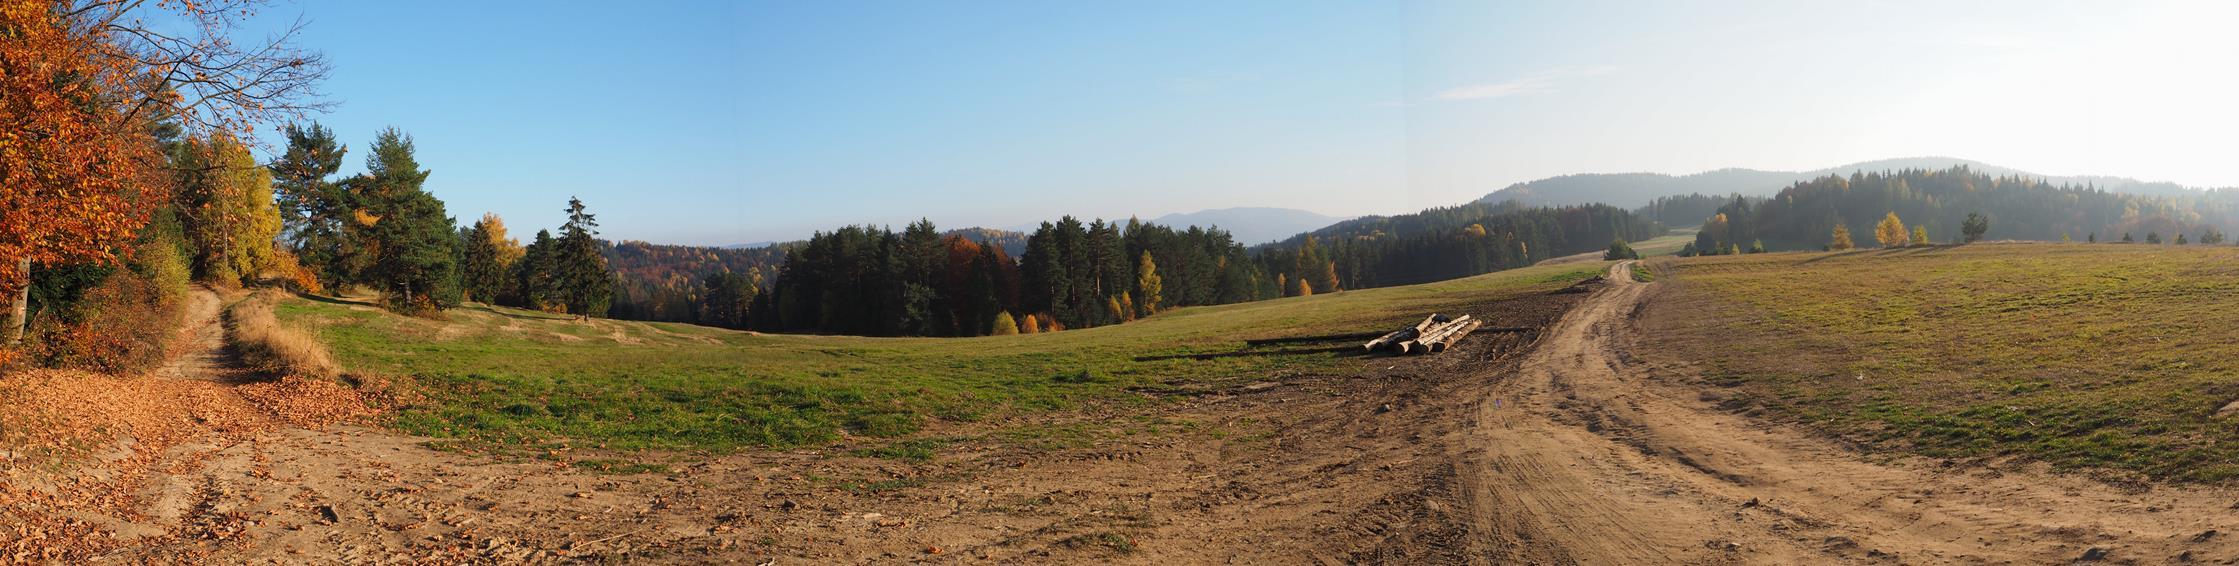 Łąka pod Trzema Kopcami - szlak niebieski prowadzi środkiem łąki, biało-czerwony drogą po lewej.